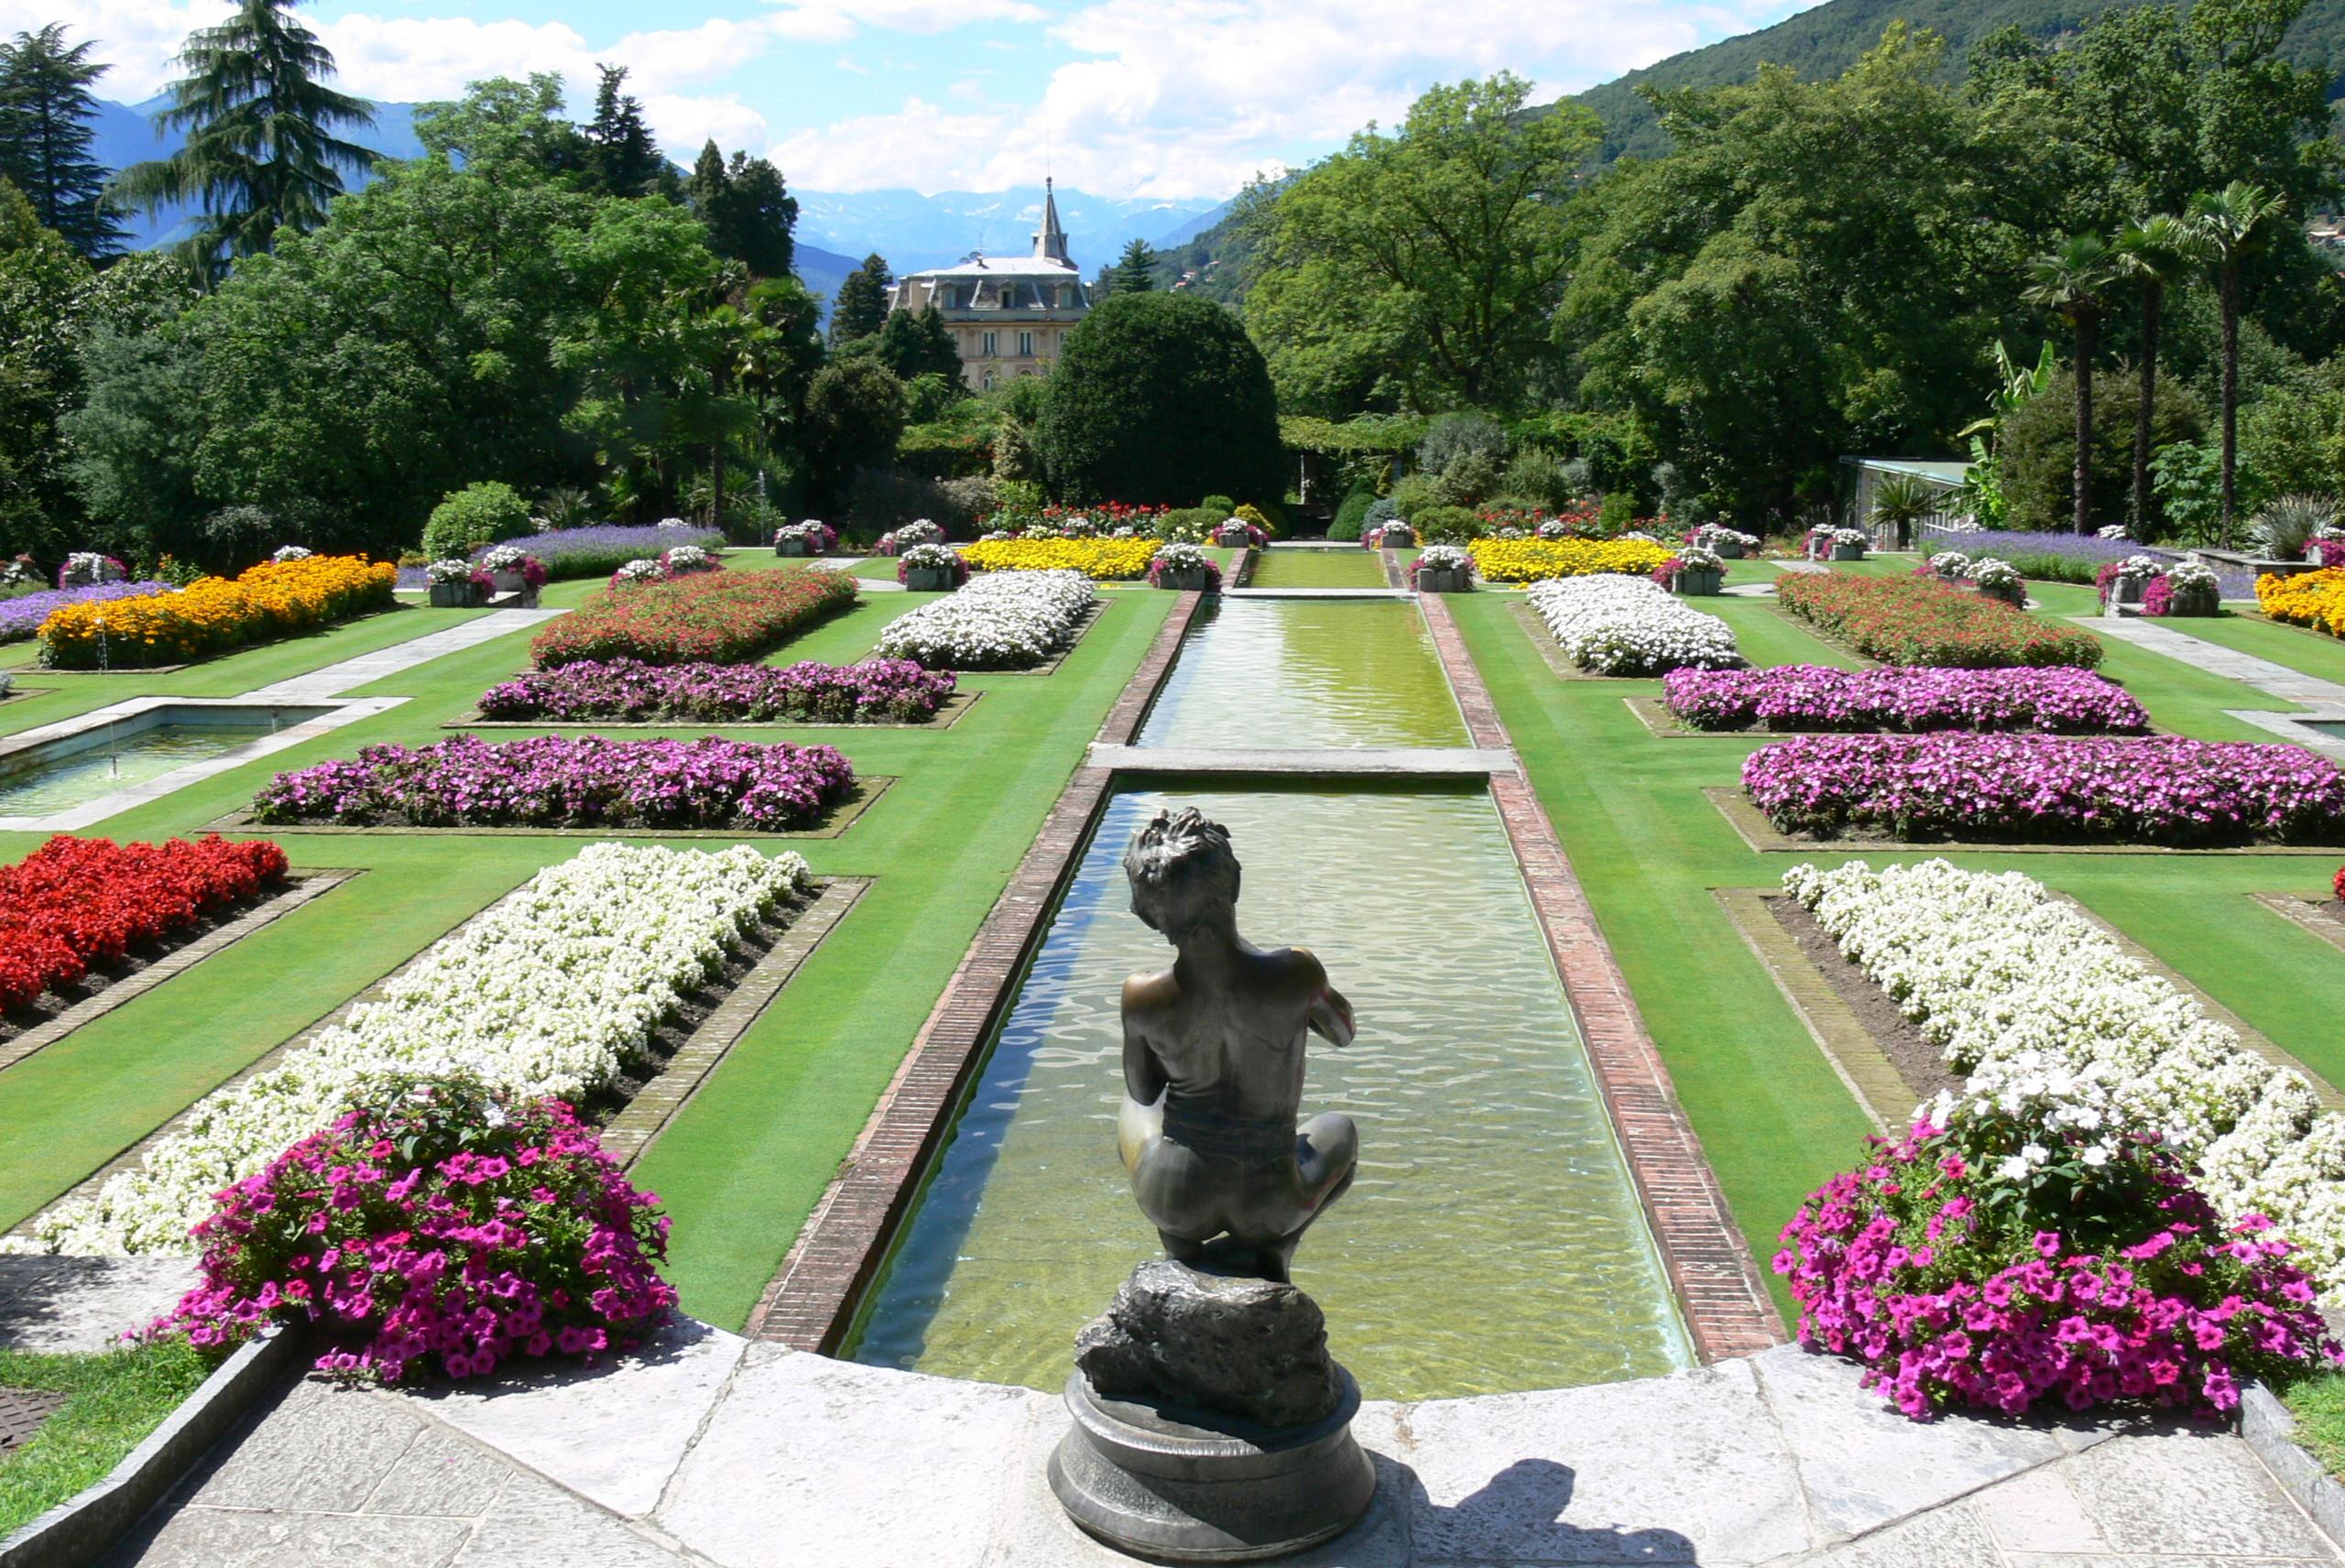 Jardín Botánico Villa Taranto - Wikipedia, la enciclopedia libre